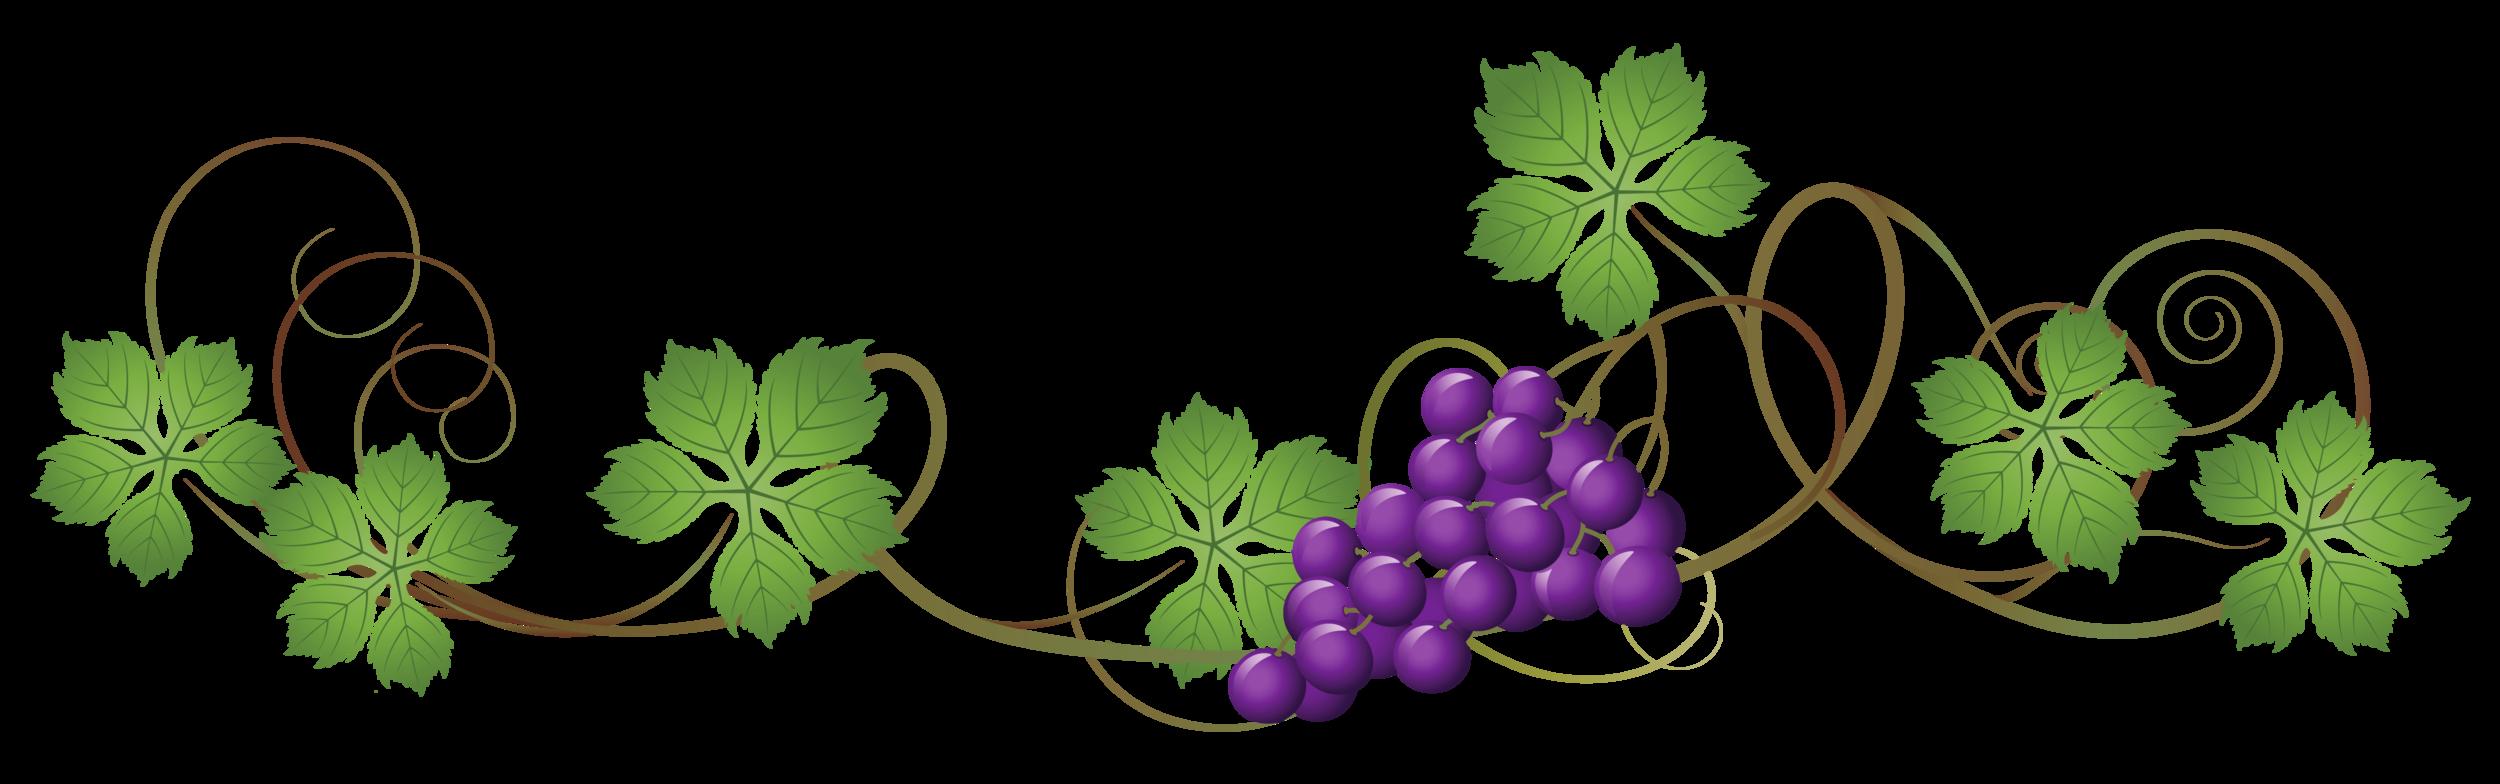 Vine_Decoration_PNG_Clipart_Picture.png